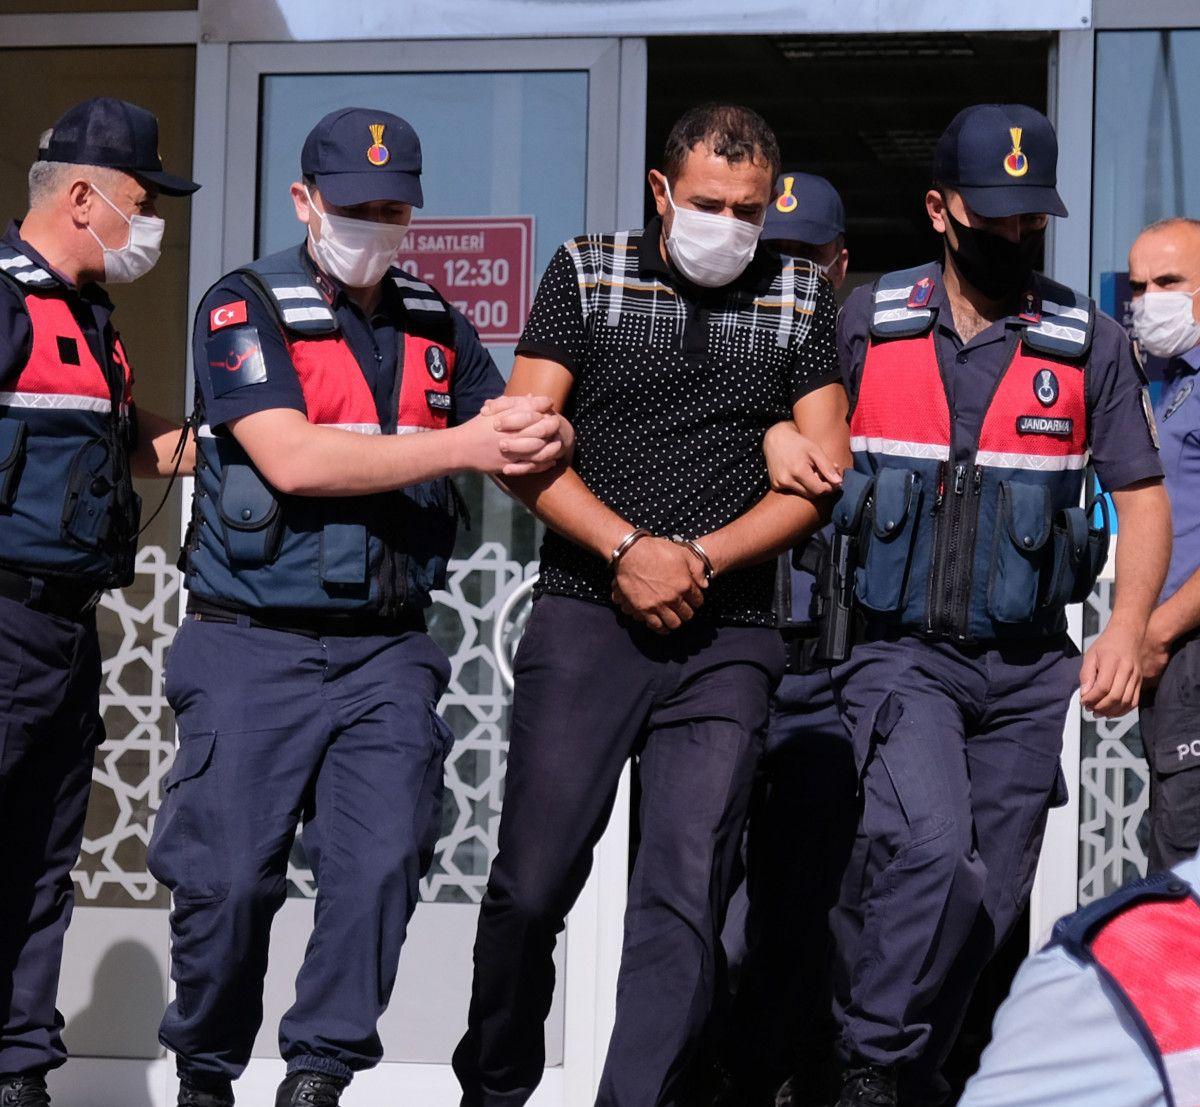 Konya daki  Büyükşen  cinayetinde tutuklu sanıklardan biri hayatını kaybetti #2